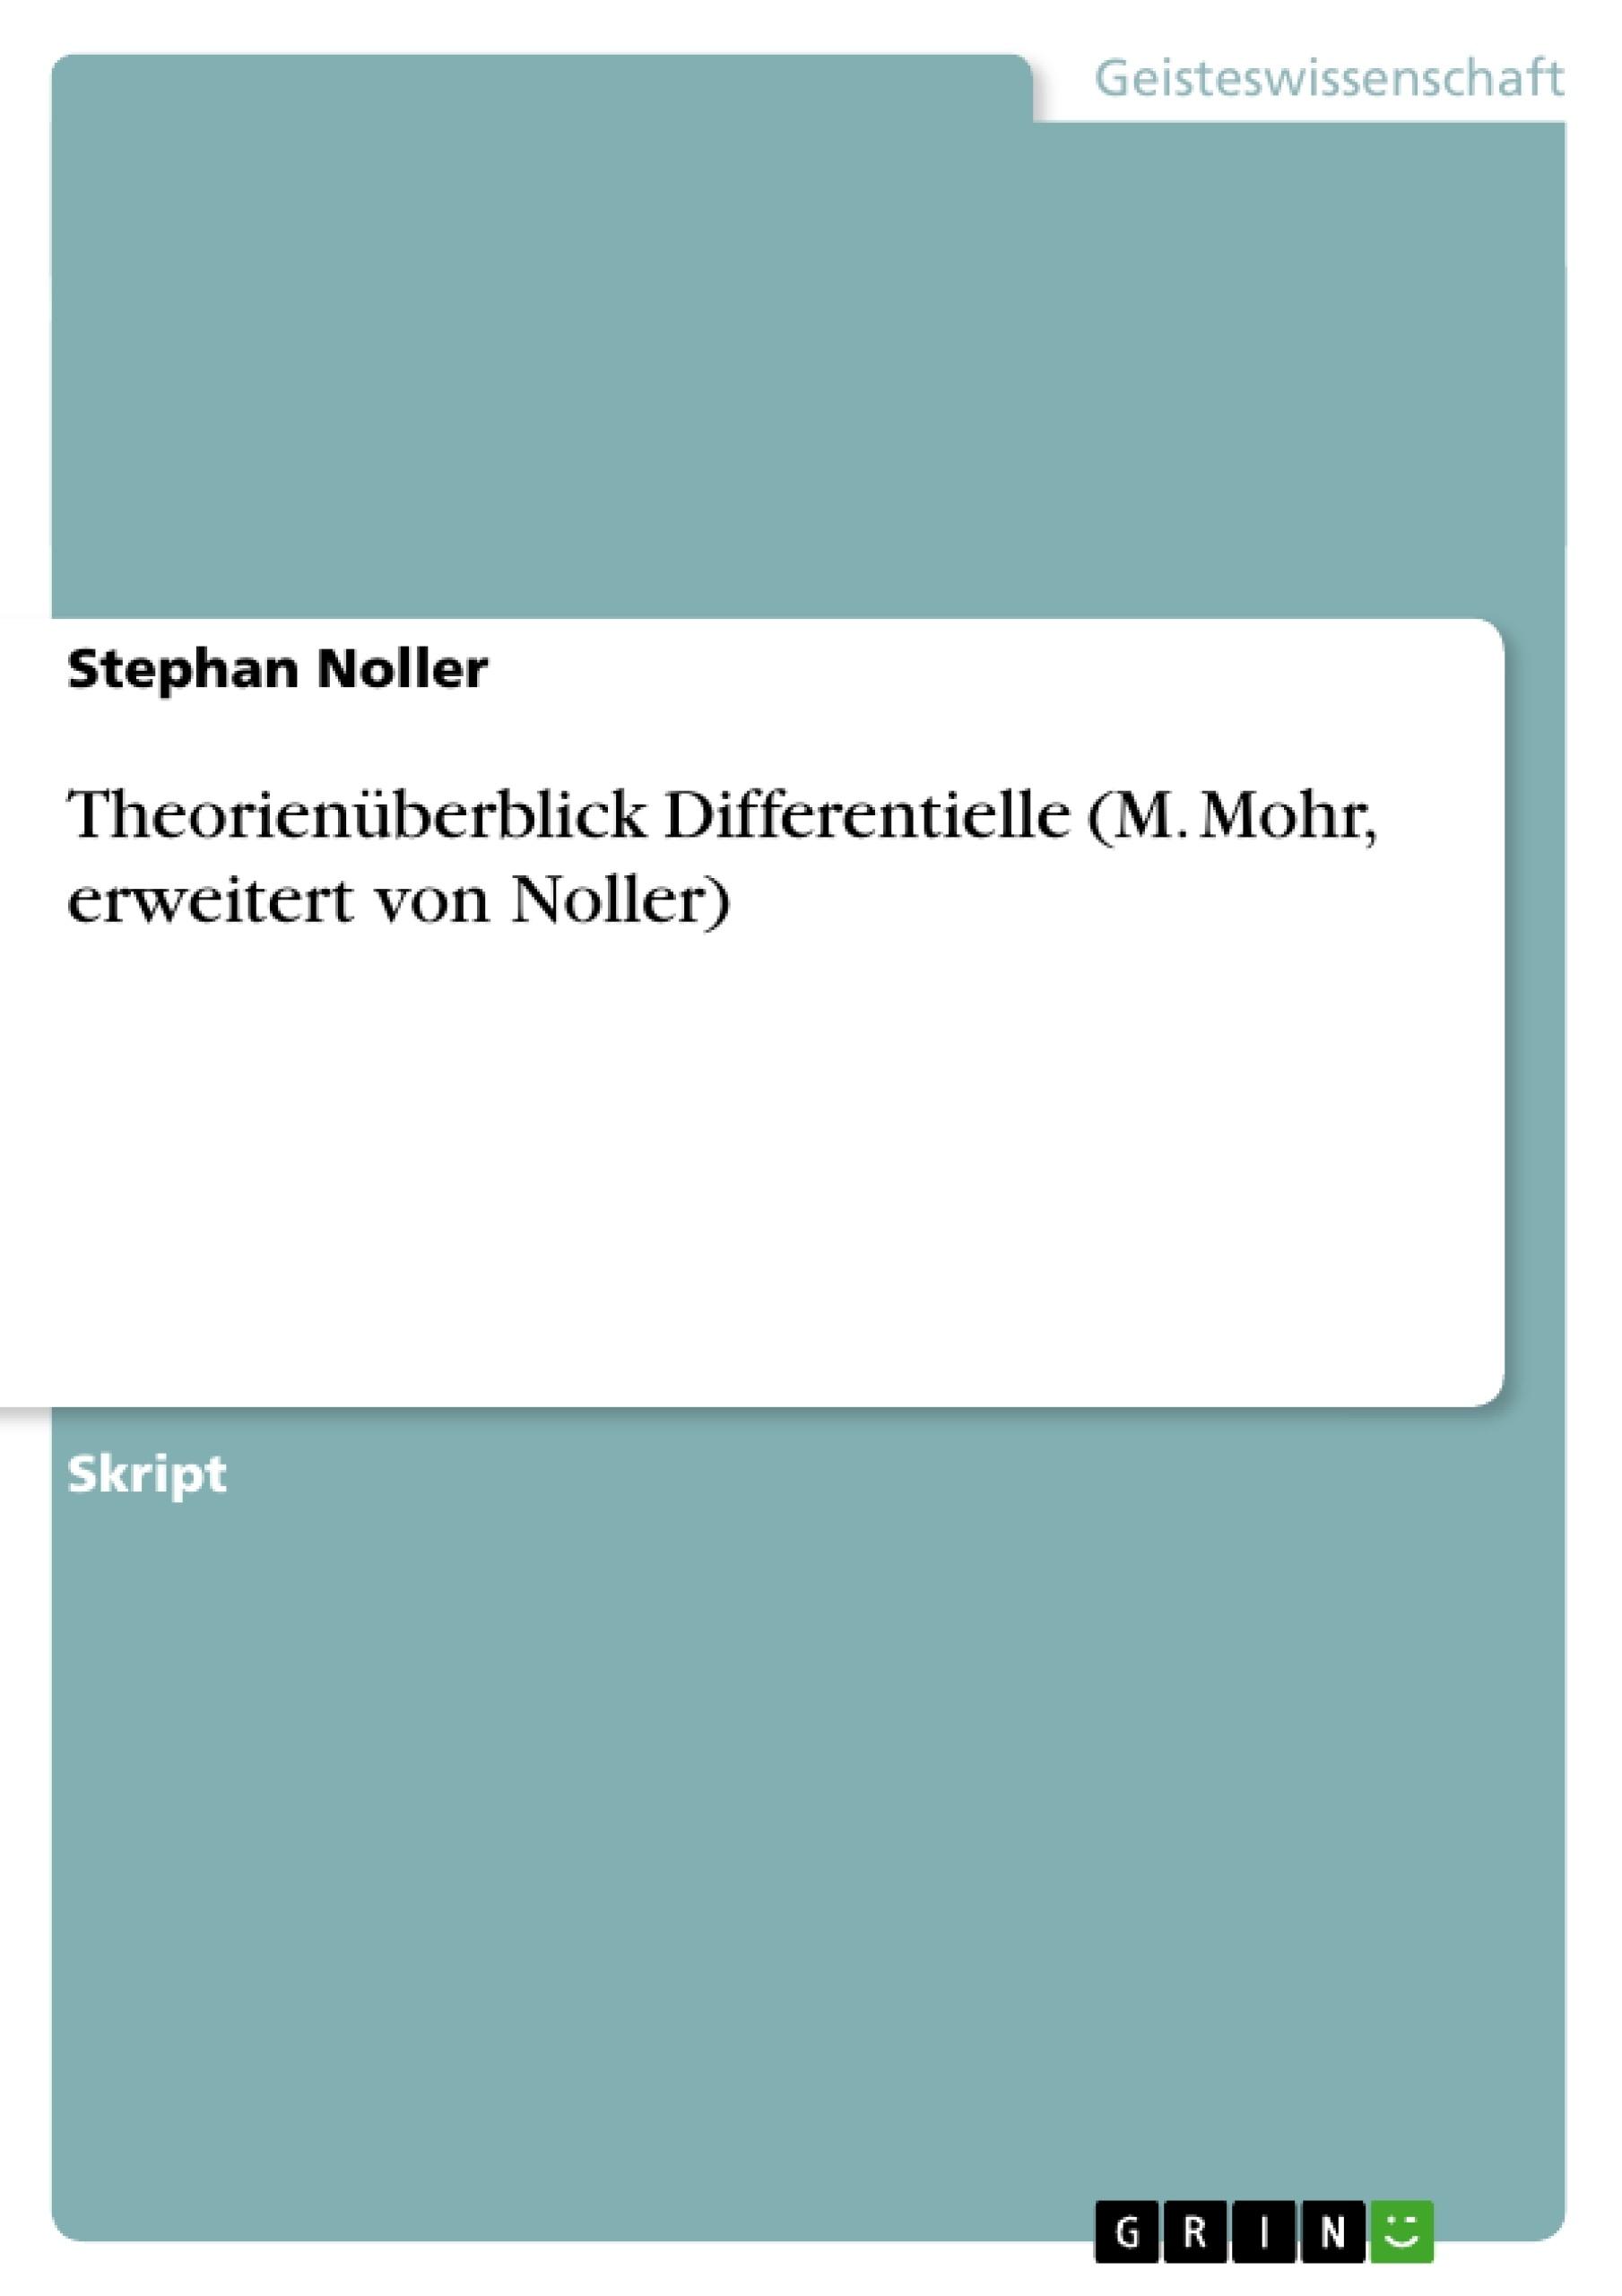 Titel: Theorienüberblick Differentielle (M. Mohr, erweitert von Noller)